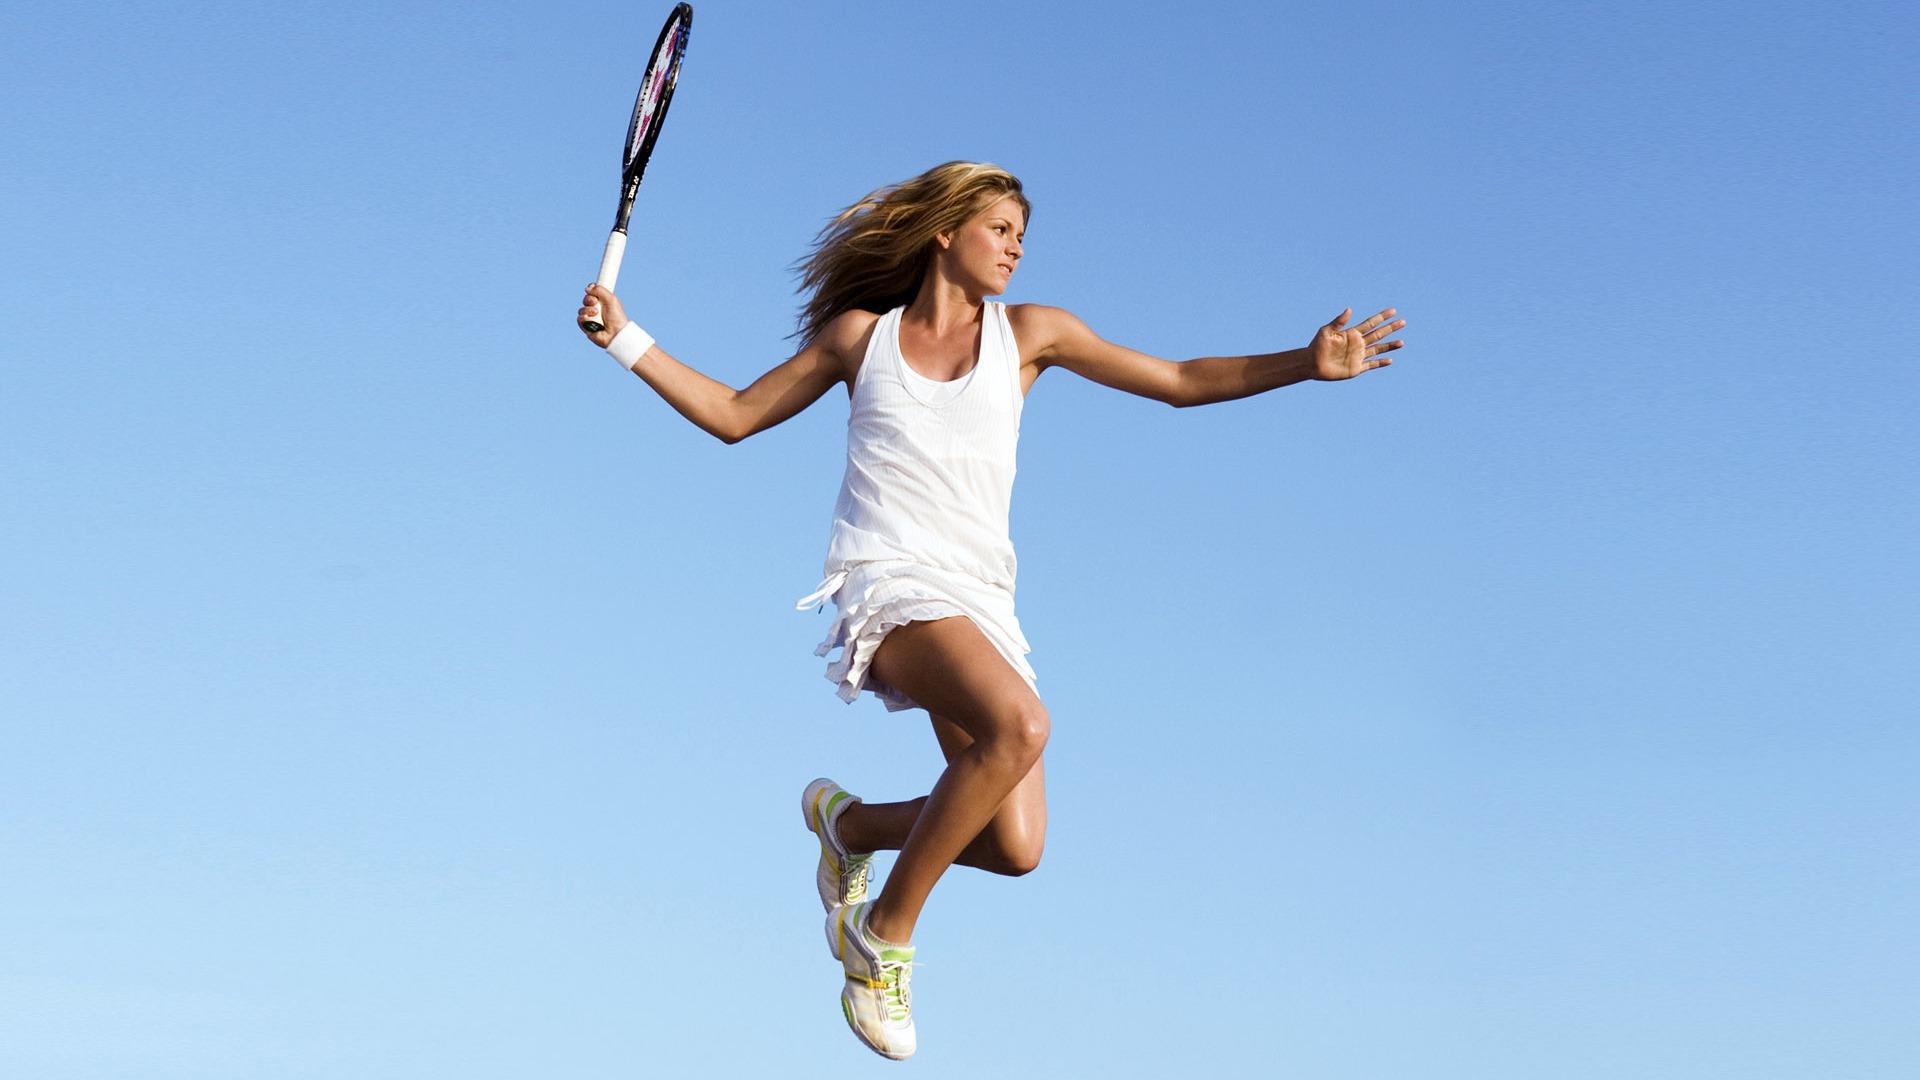 Спорт поможет избежать рака матки